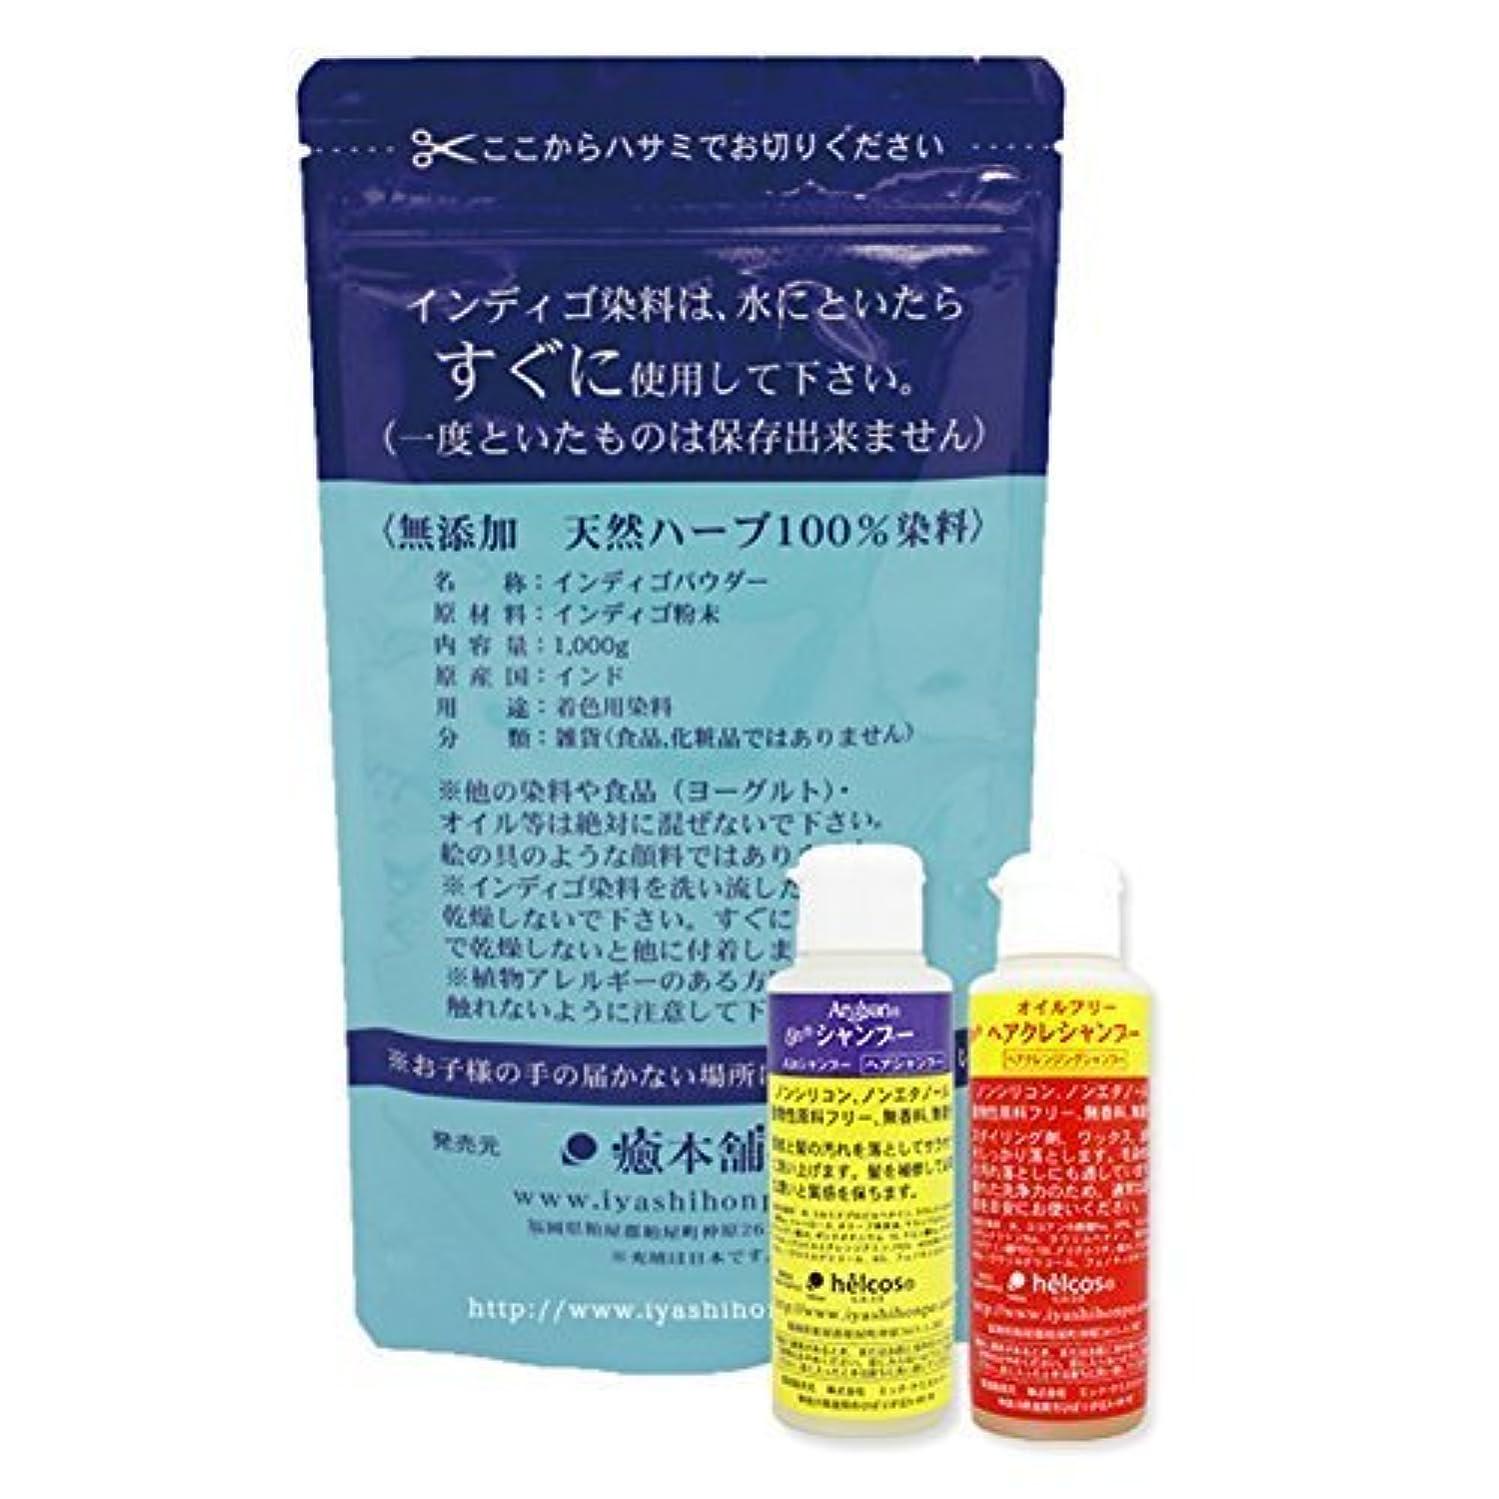 観察する応援する一元化する白髪染め インディゴ(天然染料100%) 1kg+シャンプー2種セット 癒本舗